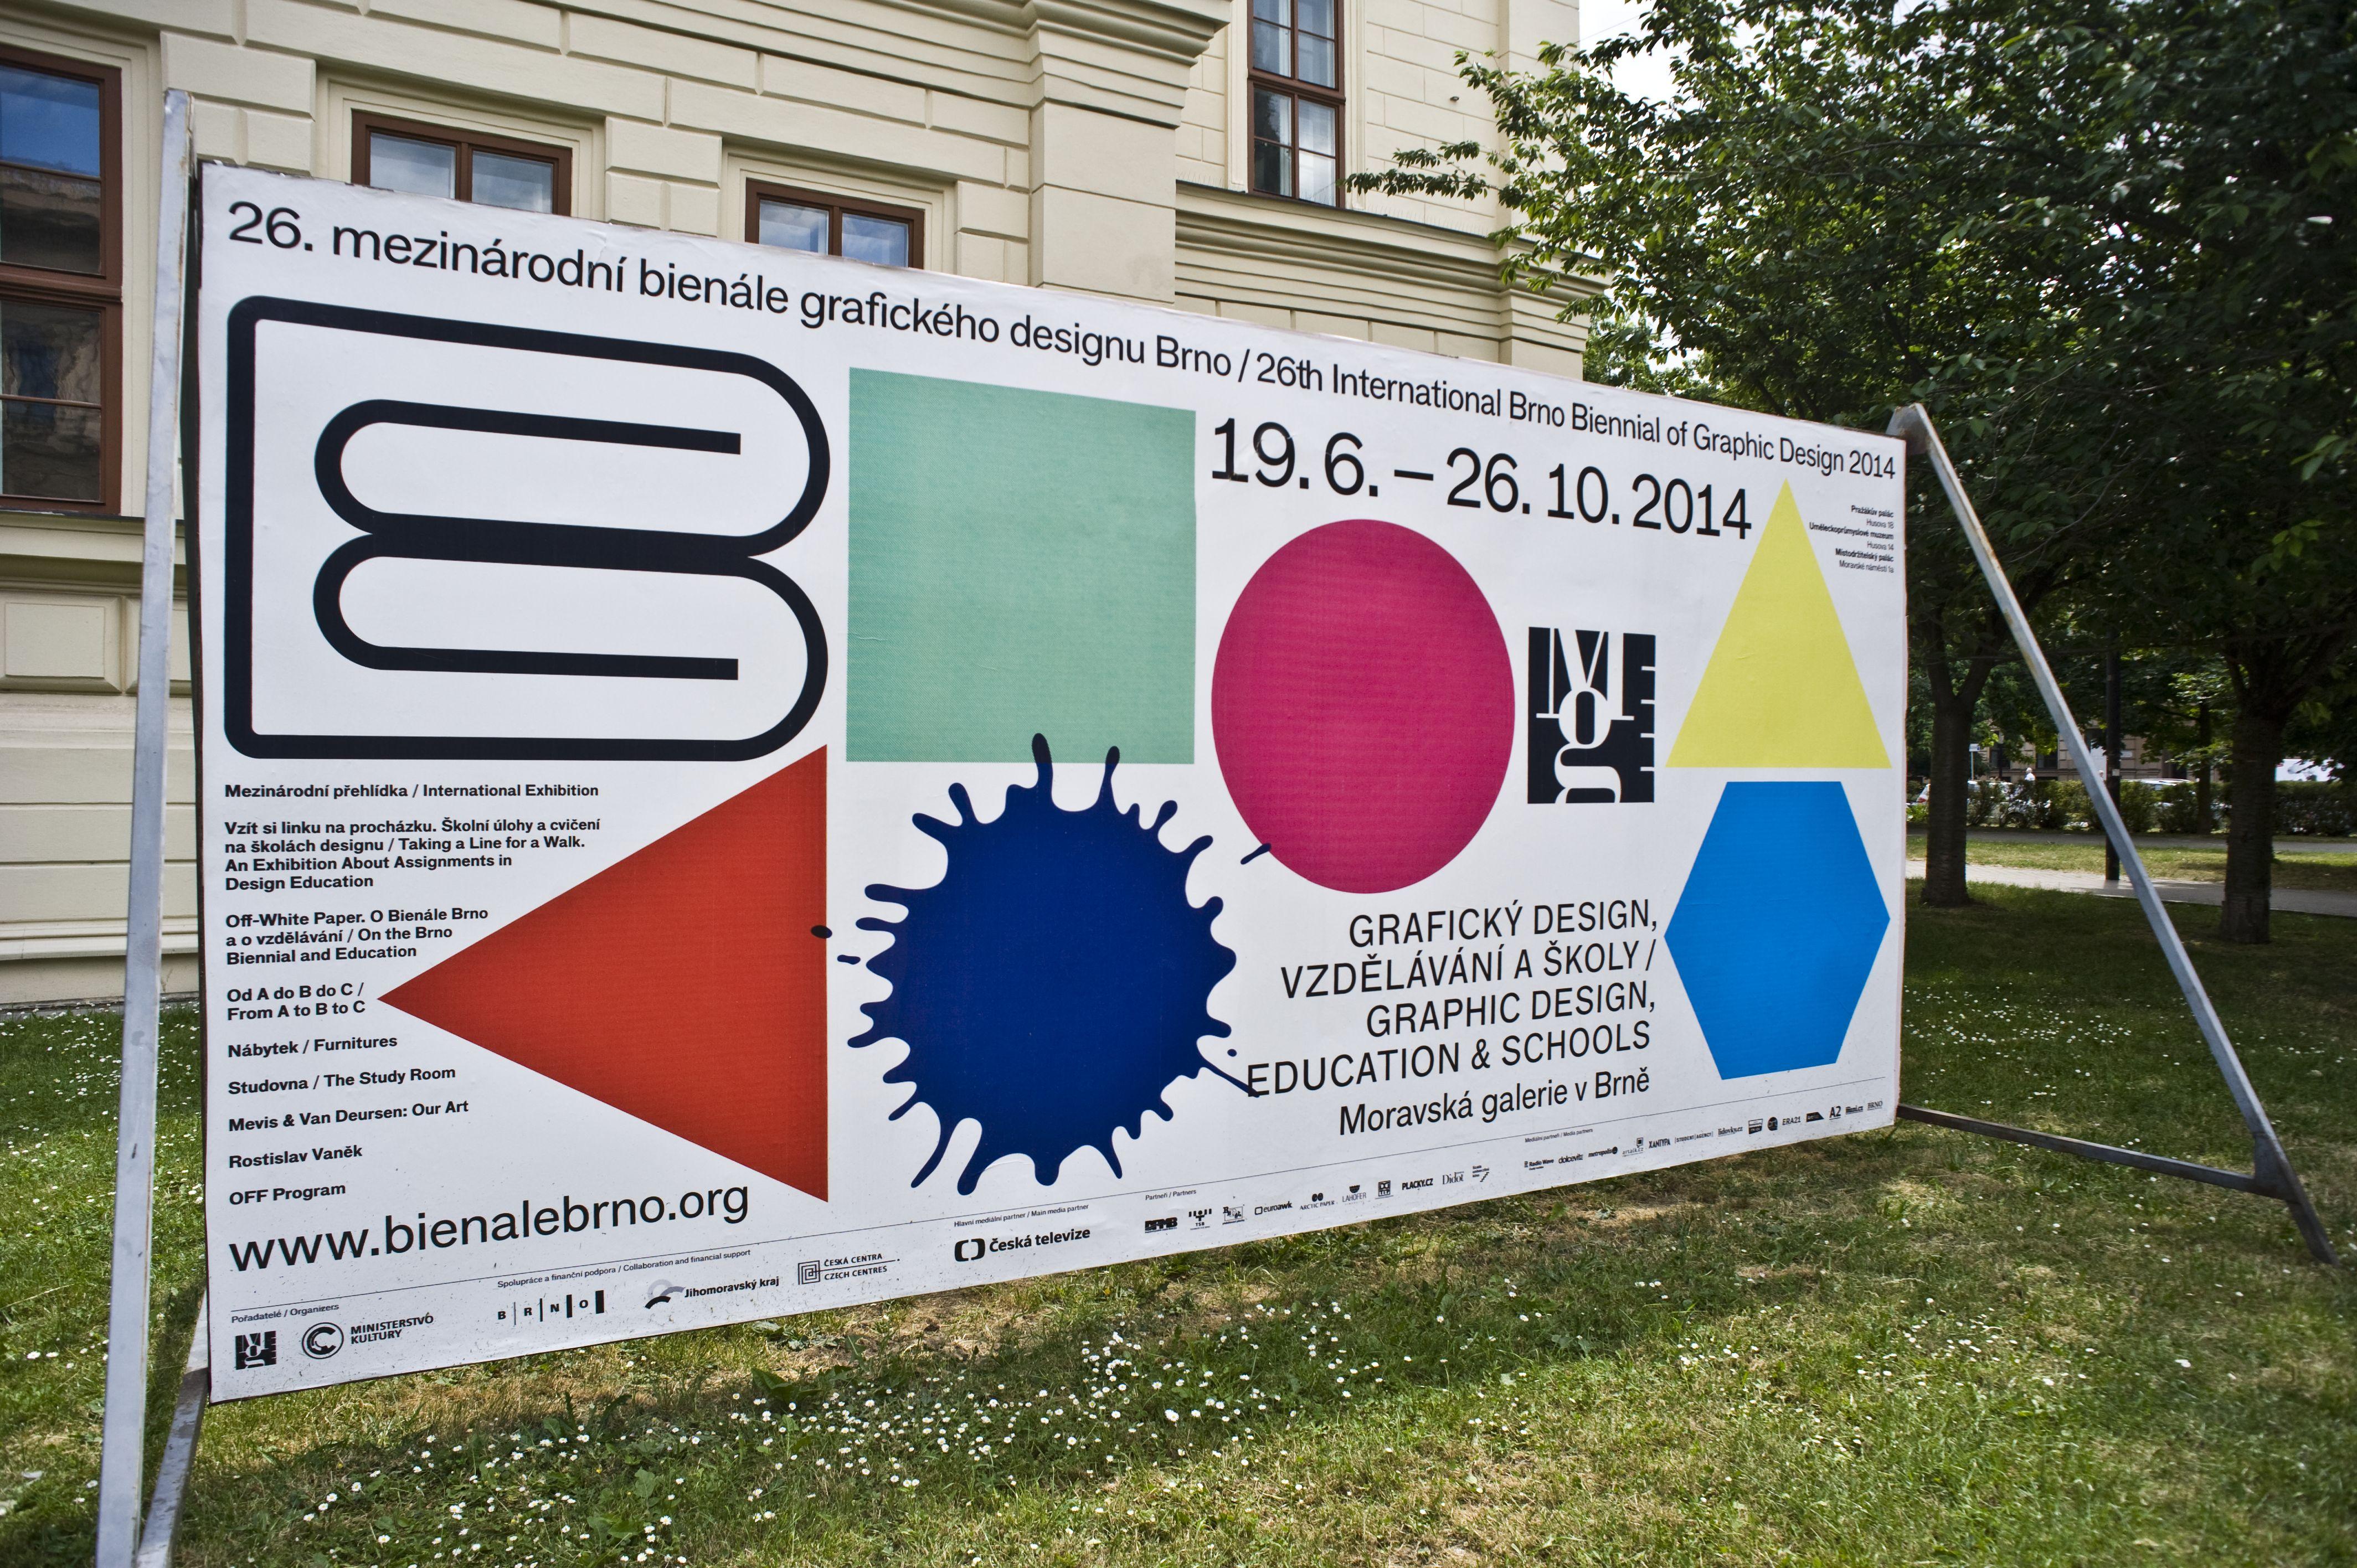 Bienale Brno 2014